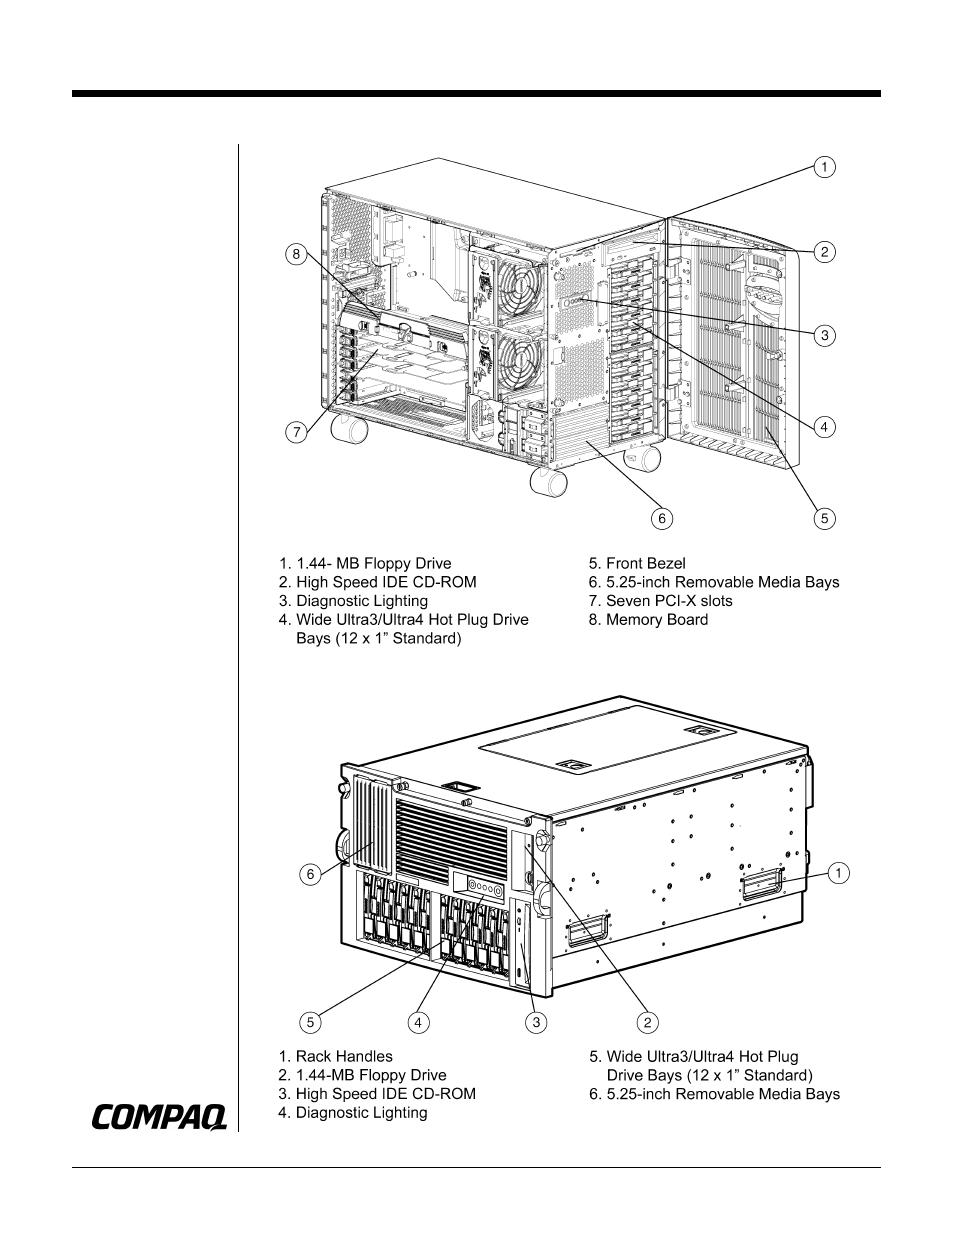 COMPAQ ML530 IDE DRIVER